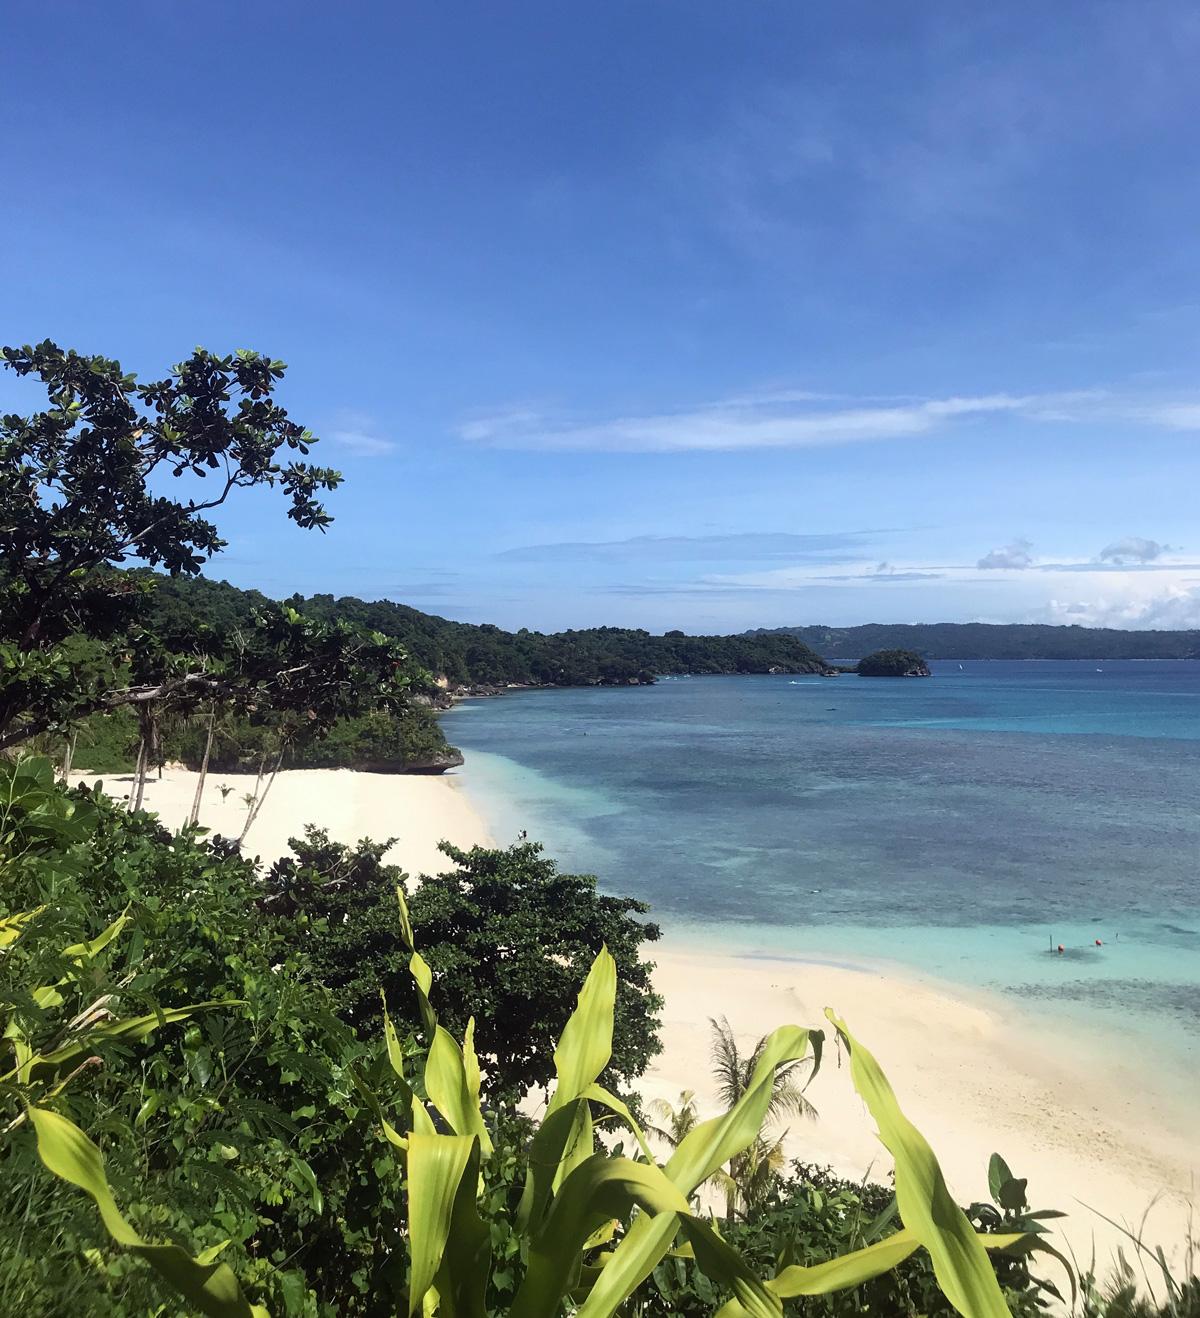 lapuz_lapuz_beach_philippines